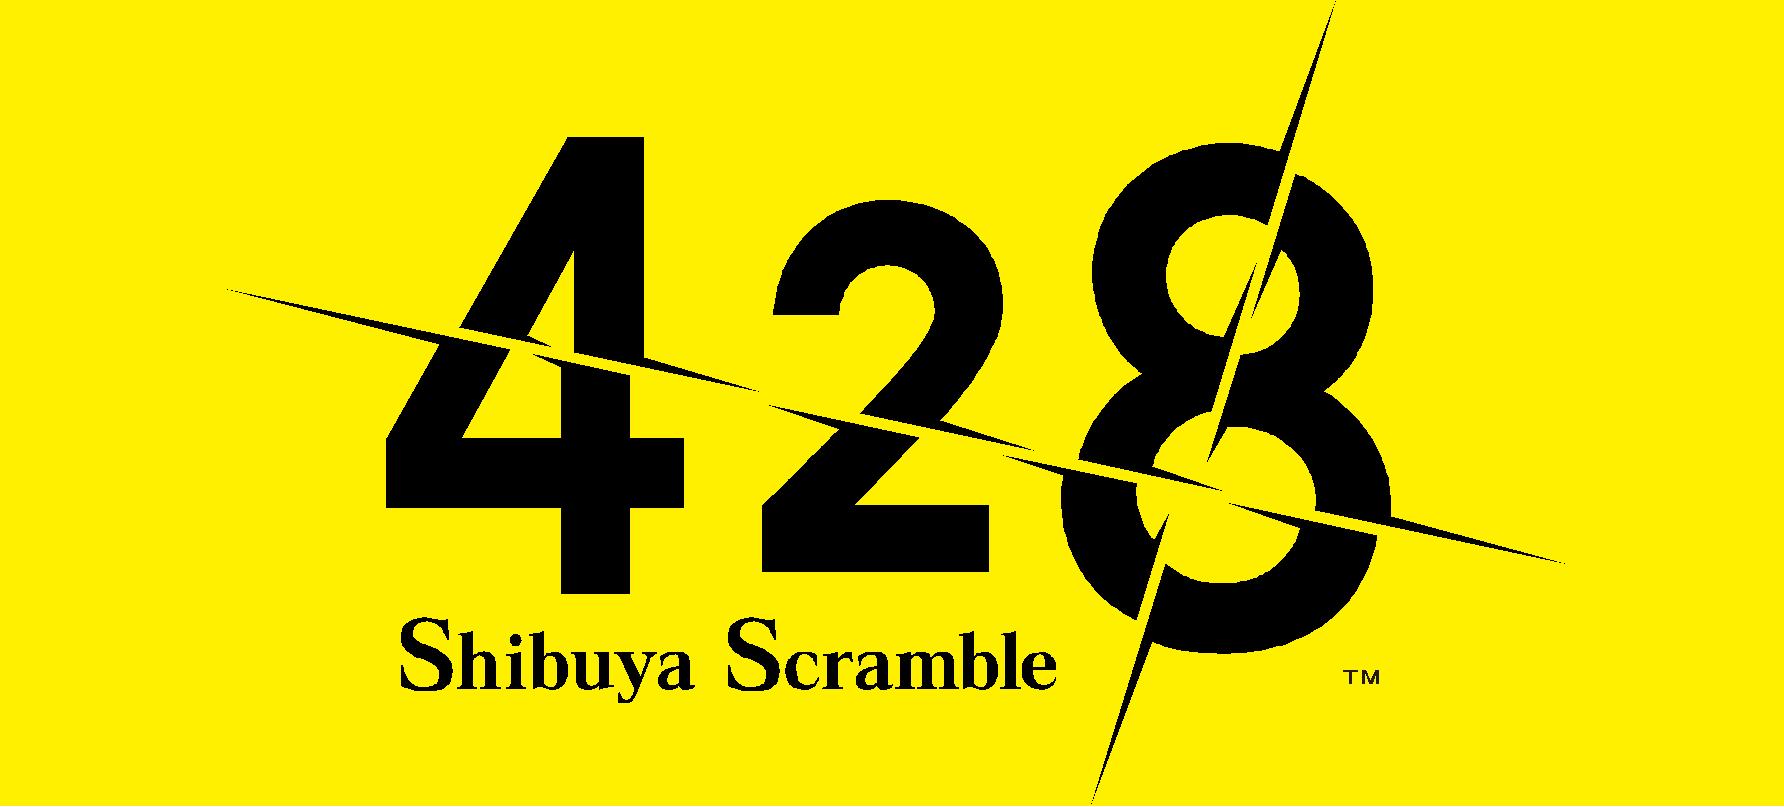 428-Shibuya-Scramble_2018_03-23-18_015